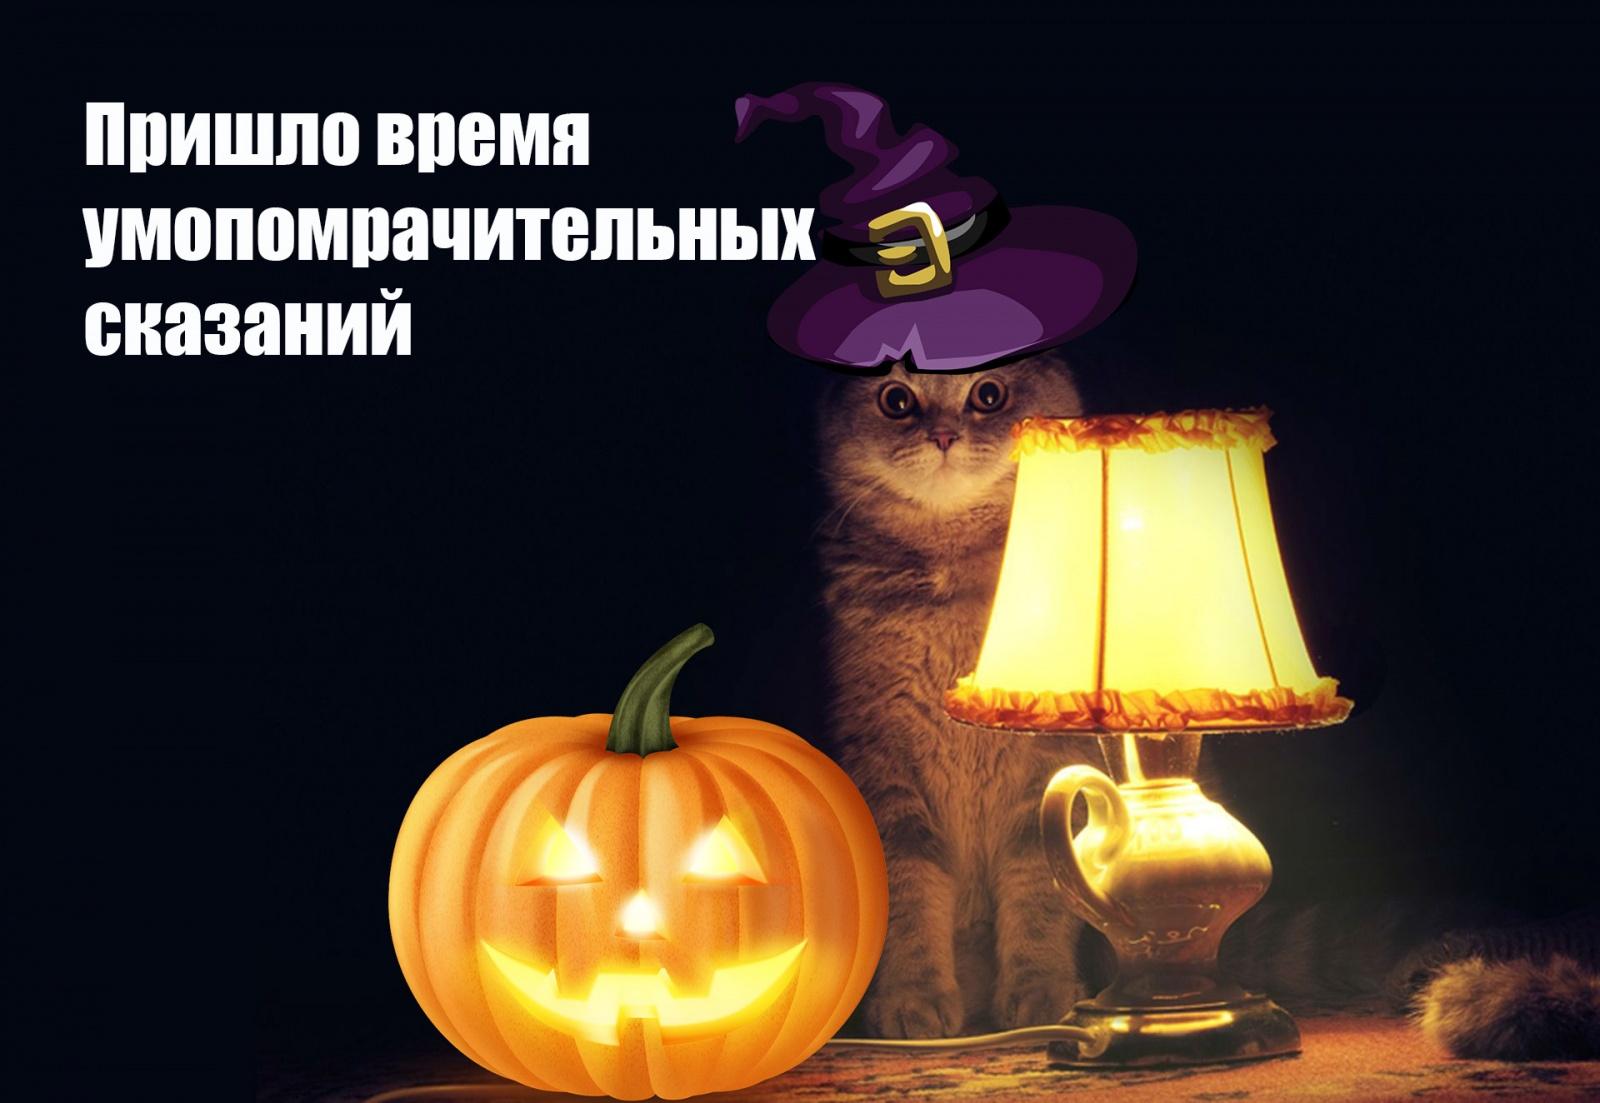 Байки из ЦОДа: хэллоуинские страшилки о дизелях, дипломатии и саморезах в калорифере - 1